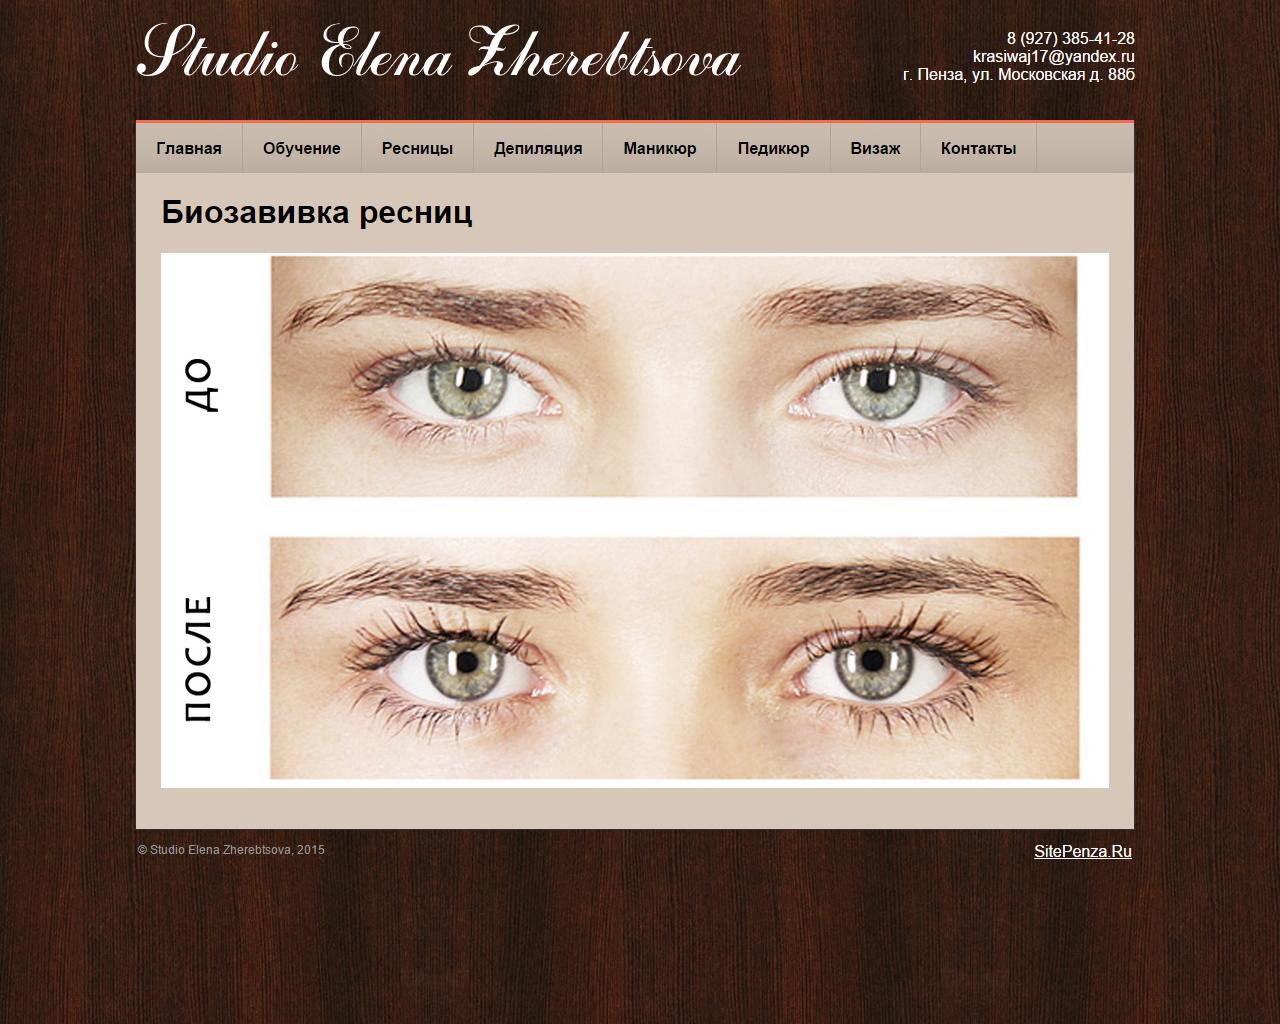 Studio Elena Zherebtsova